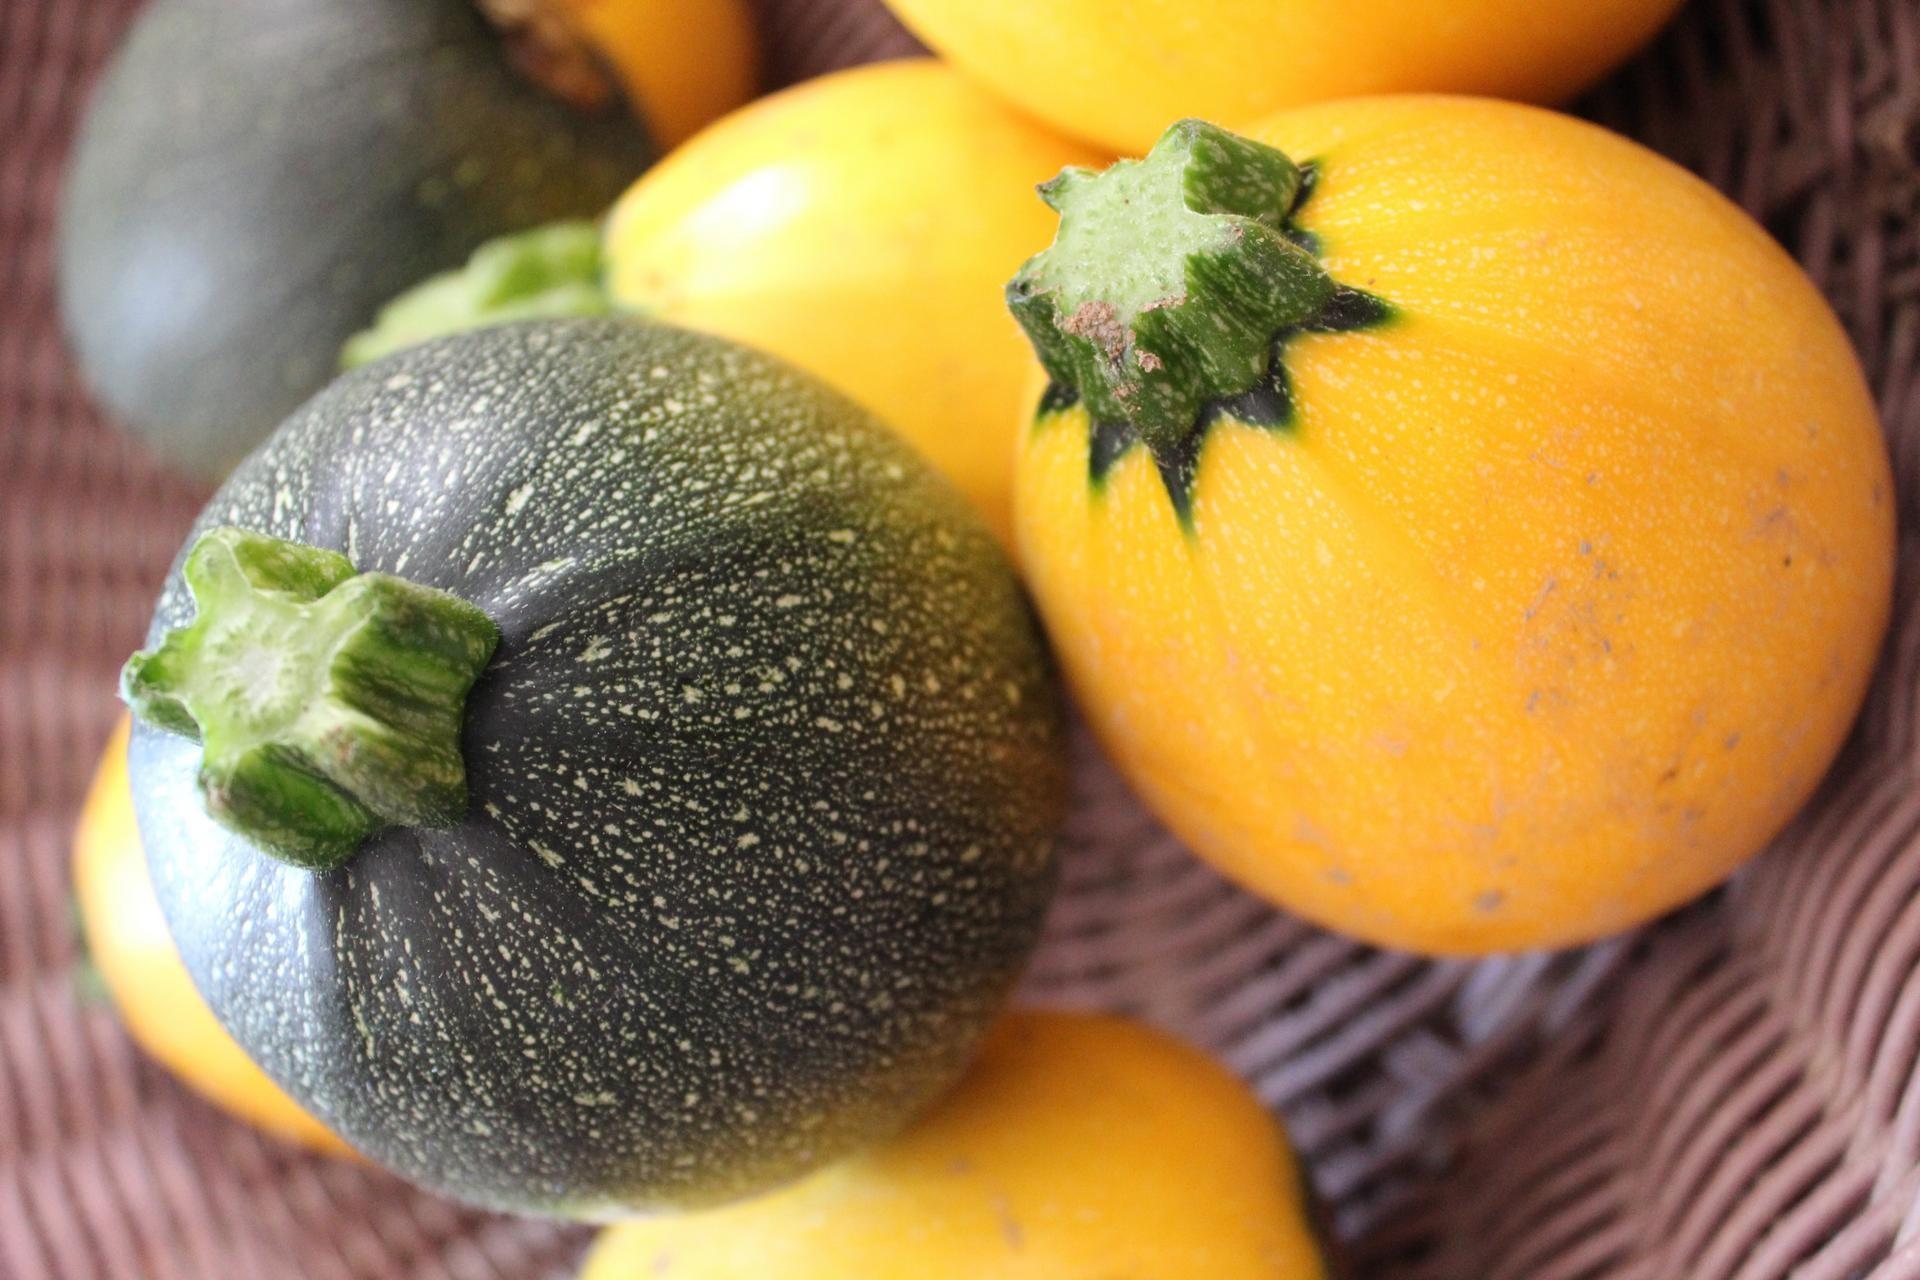 Courgette Ronde jaune | Légumes | La Ferme des 4 Saisons